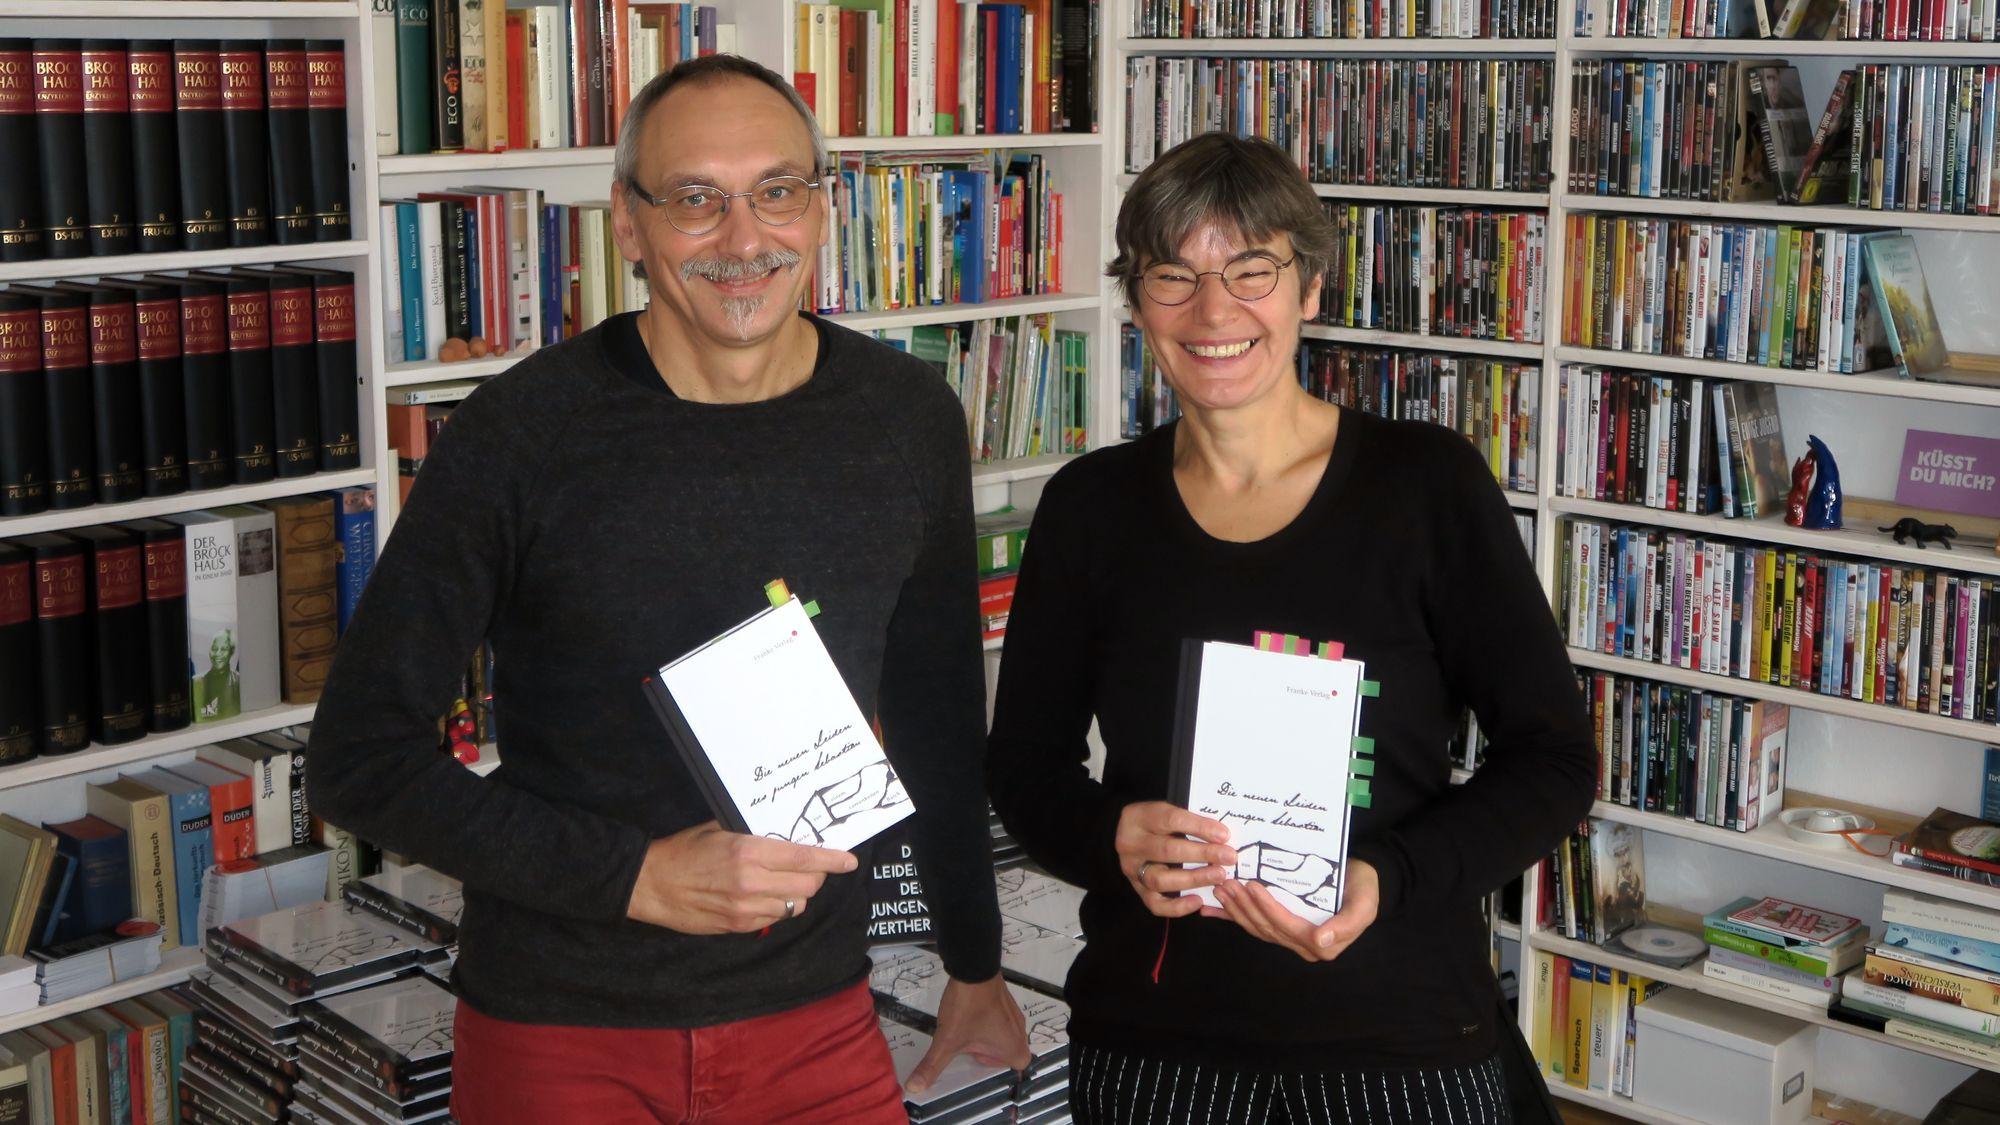 Holger und Solveig Franke sind der Franke-Verlag